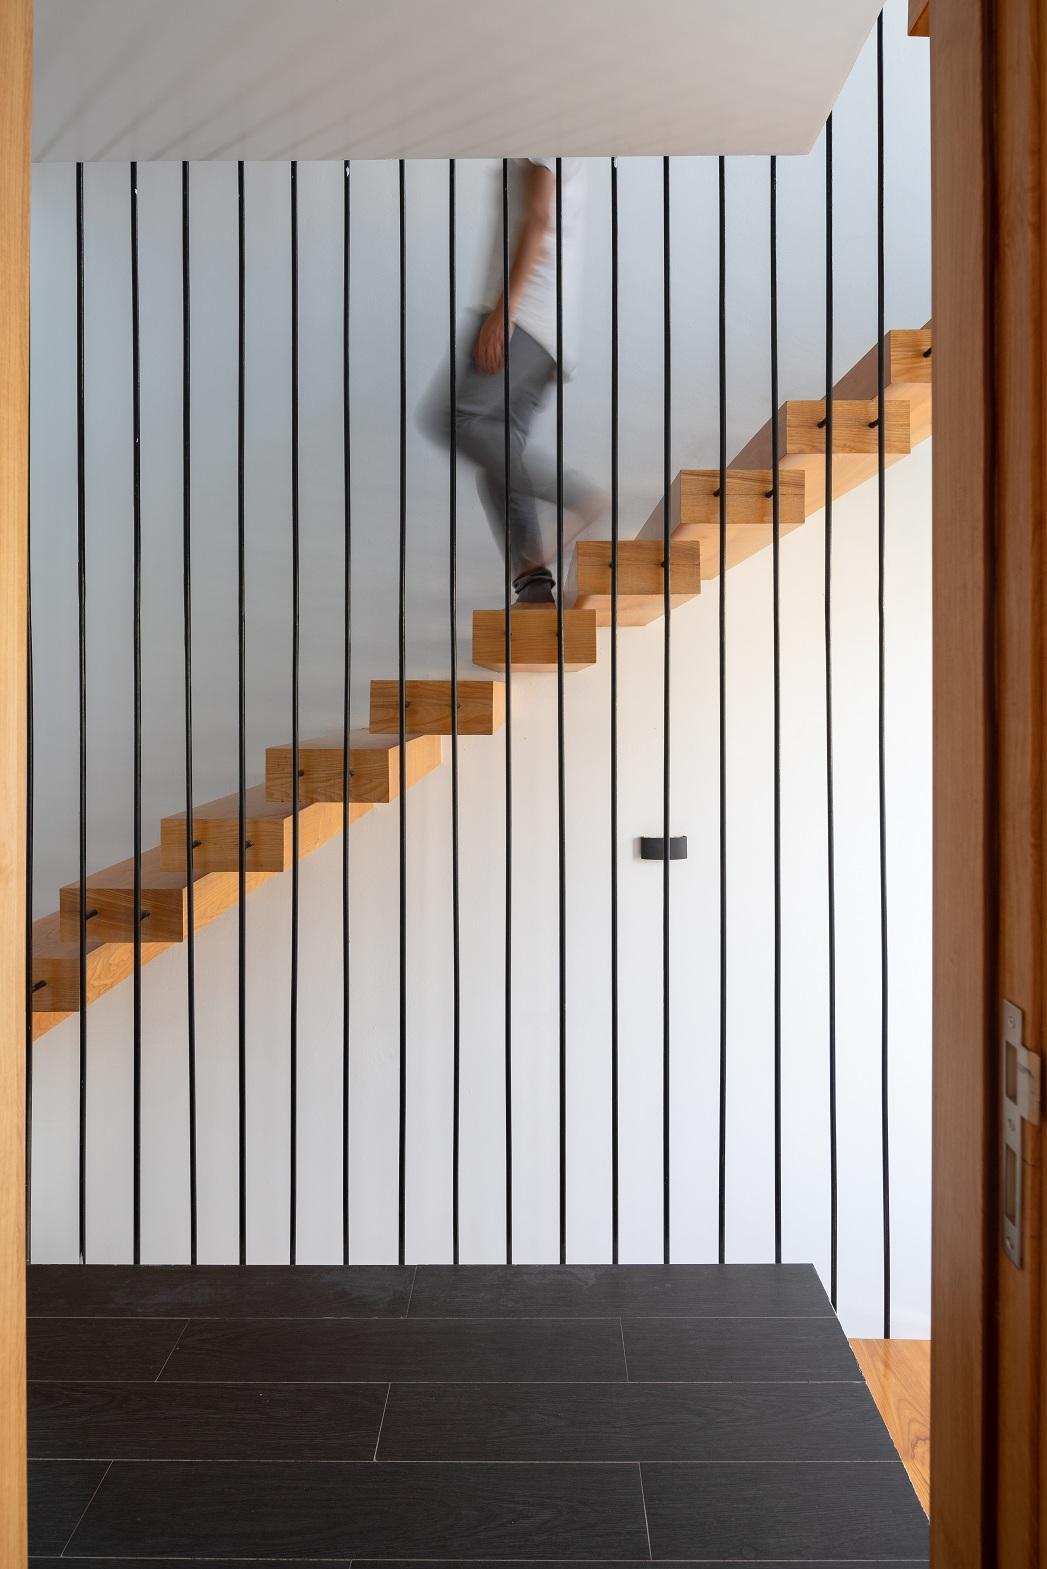 Cầu thang ở phía trước nhà giúp lấy thêm nhiều ánh sáng.